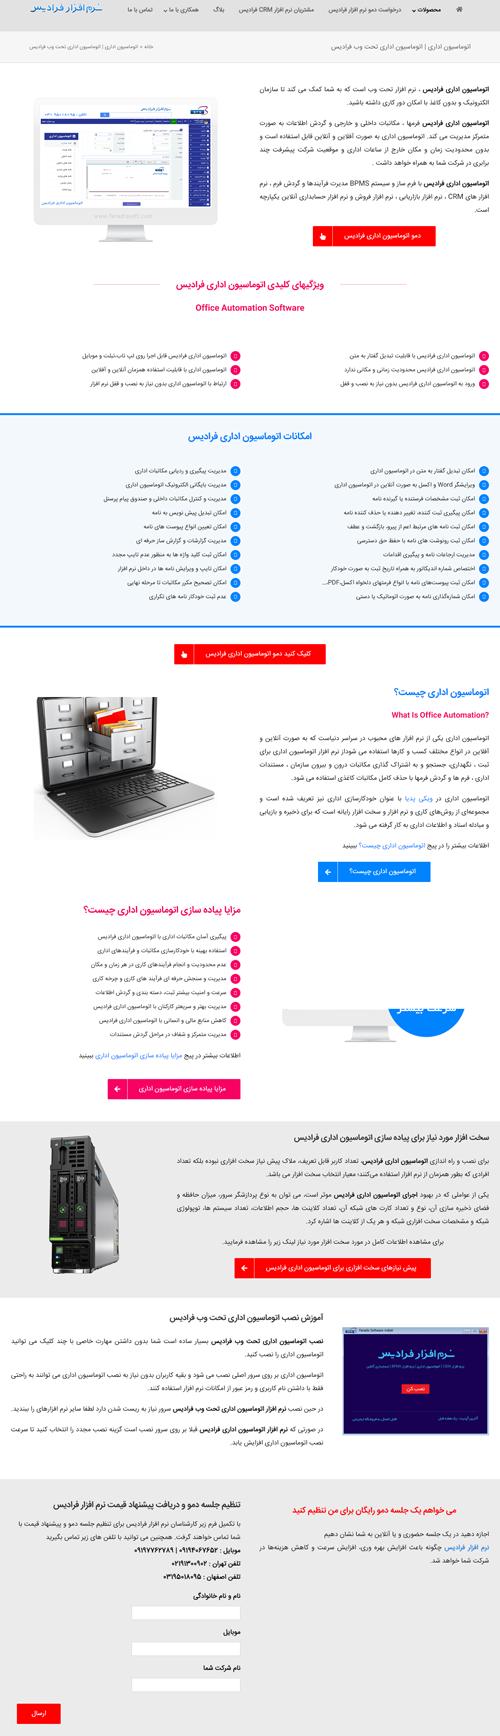 طراحی سایت نرم افزار فرادیس اتوماسیون اداری تحت وب